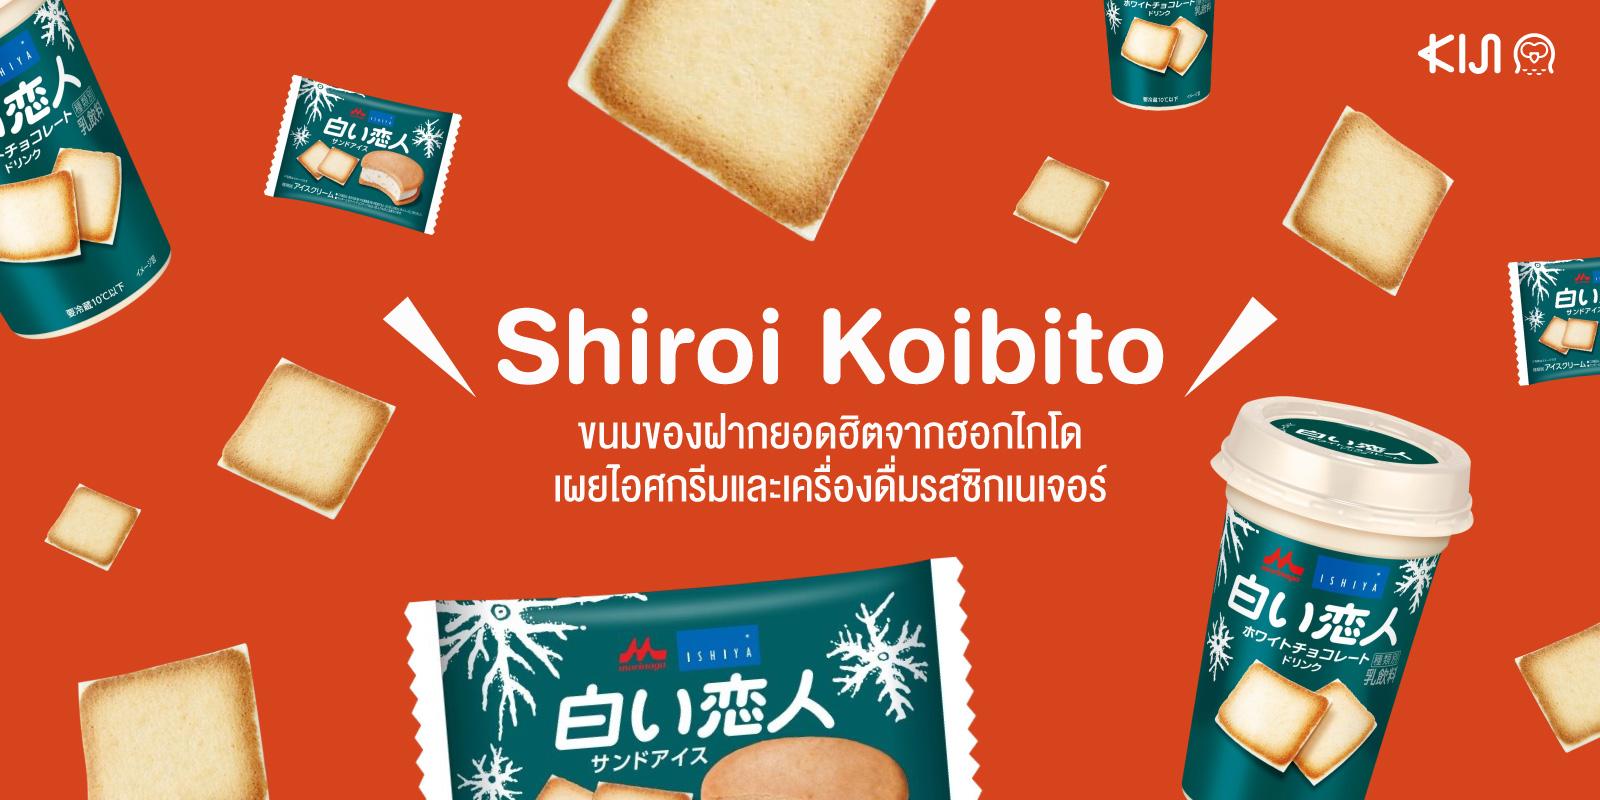 เมื่อแบรนด์ Shiroi Koibito ร่วมจับมือกับ Morinaga จึงกลายมาเป็นสินค้าสุดลิมิเต็ดที่พลาดไม่ได้